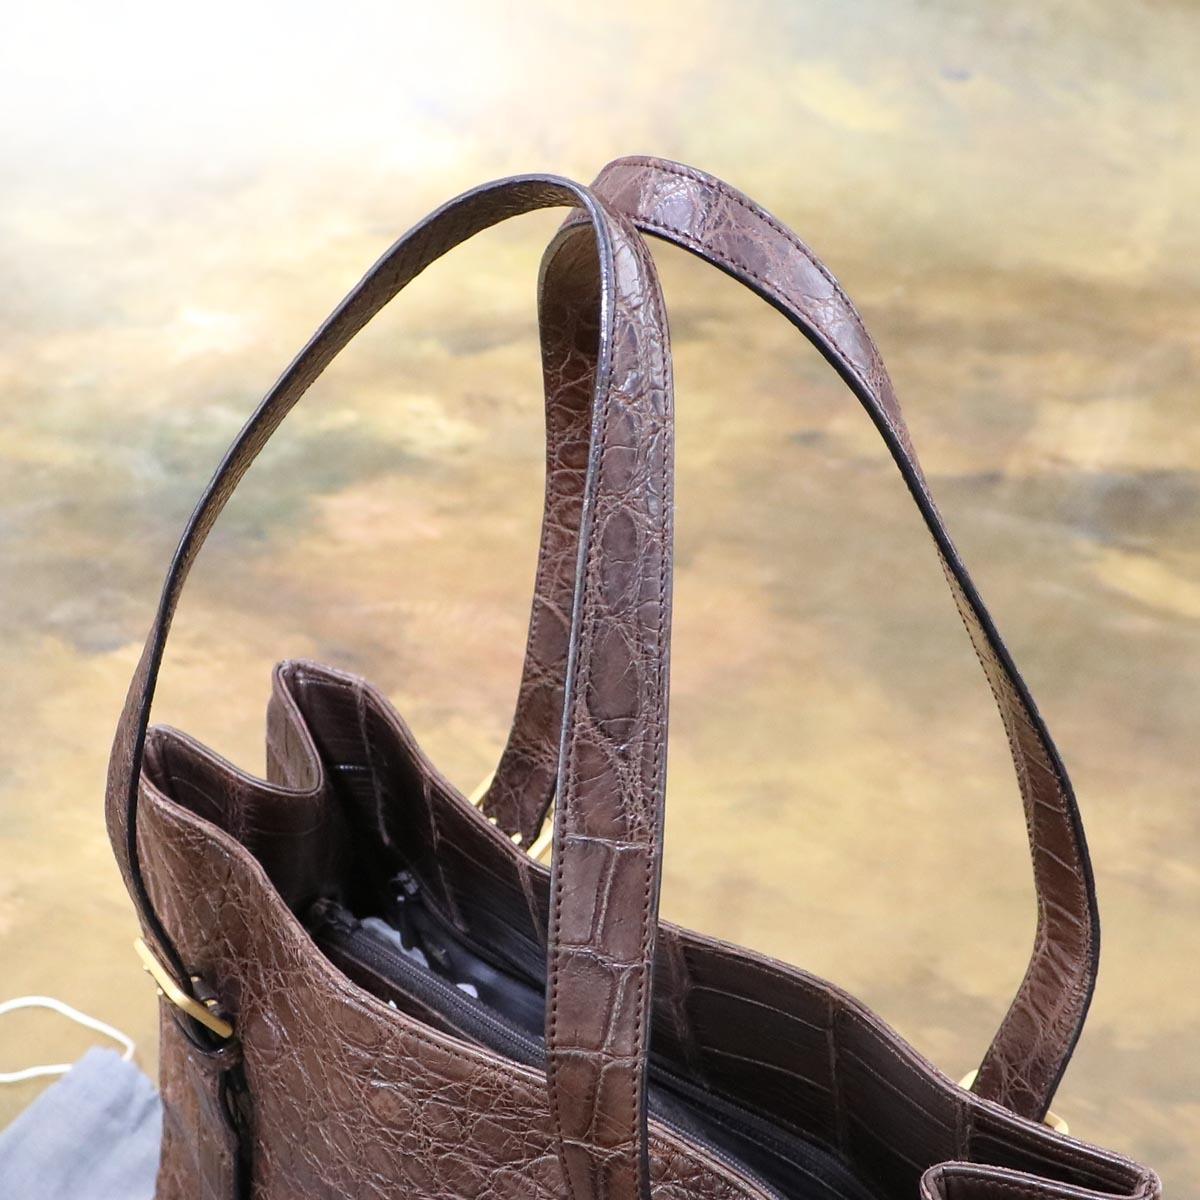 本物 極上品 クーニギン 最高級マットクロコダイルレザートートバッグ 総ワニ革 クロコレザーショルダーバッグ 袋 冊子付 KONIGIN_画像5